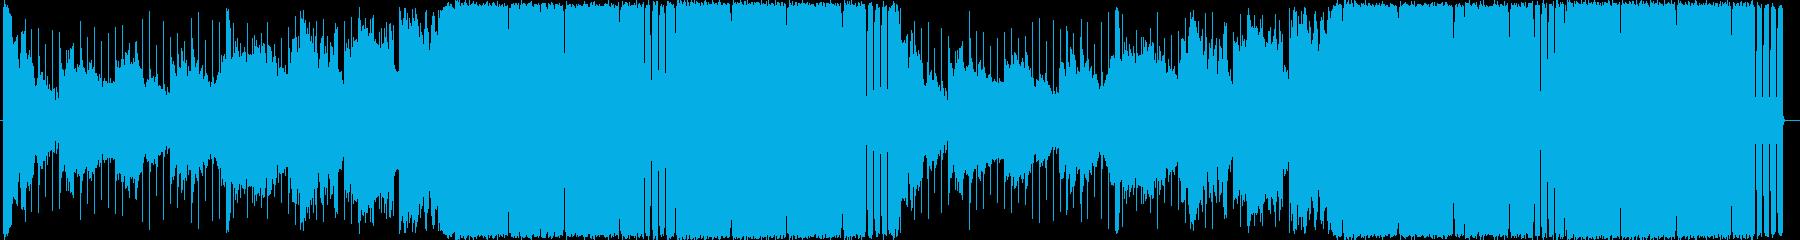 4つ打ちハウス/EDMのお洒落な曲ロングの再生済みの波形